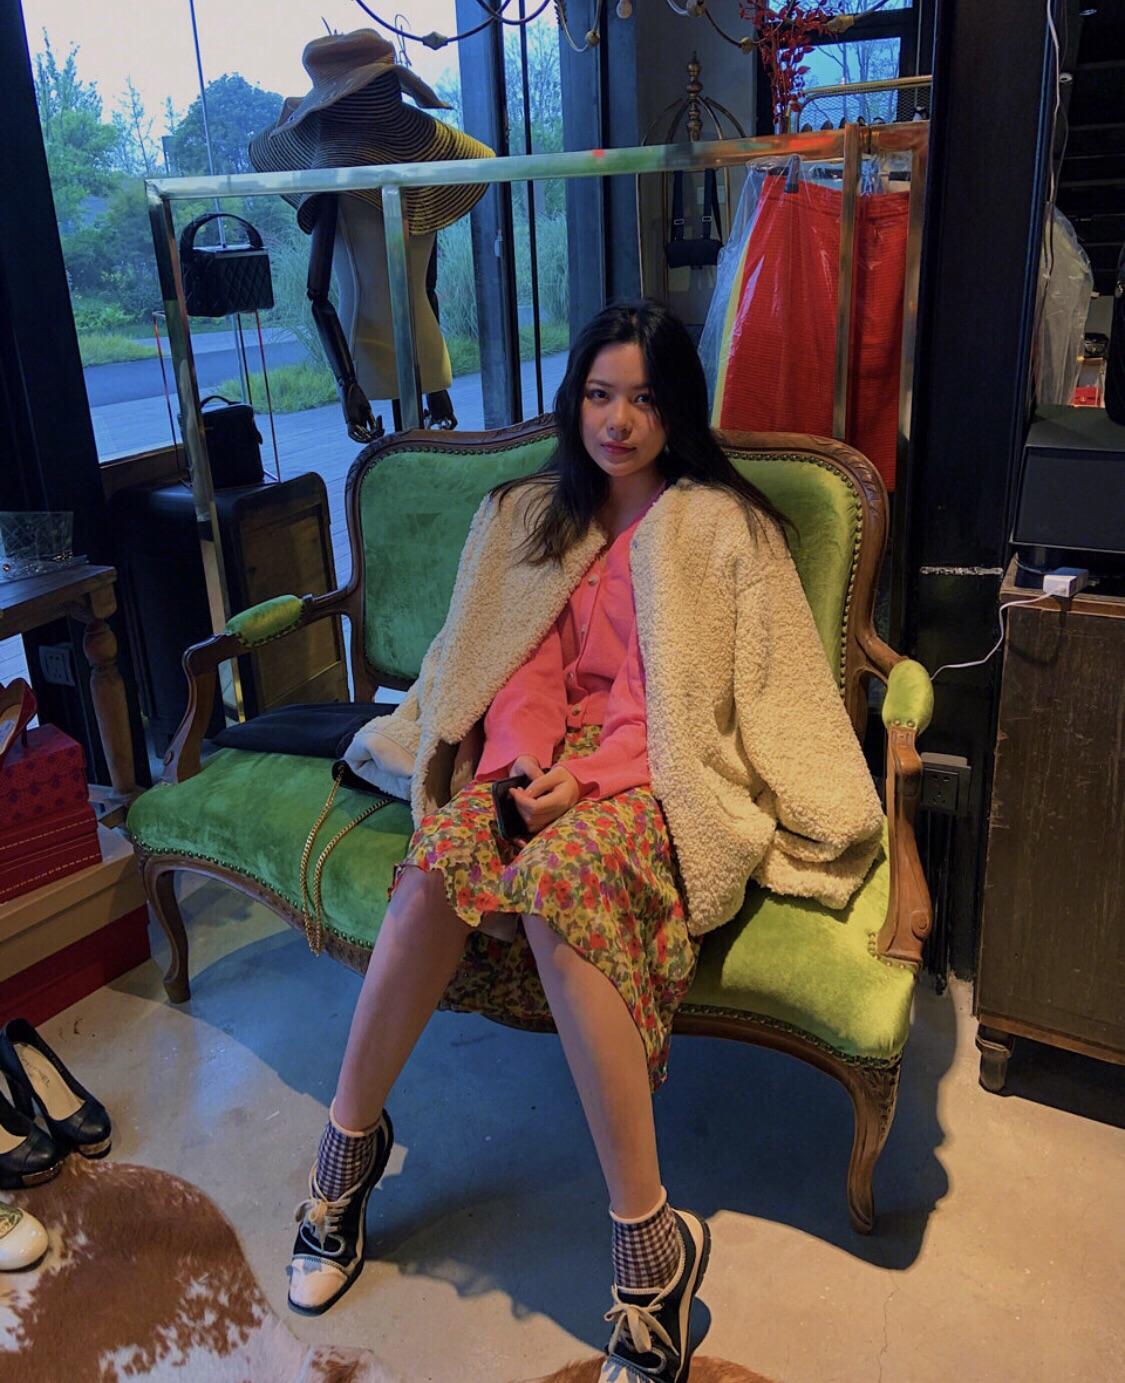 探店|2000块买到LV 香奈儿,魔都超酷中古店  真没想到在南浦大桥底下,会藏着这么一个中古店 中古店开在办公园区里面!是藏在园区里的一家店,走进去才能找到到~~  店里超多香奈儿,除了最多的包包,就是衣服和鞋子,vintage饰品,包加工比较贵一点,但是款式很特别!  饰品是我最喜欢的部分,金光灿灿!很有五十年代那种优雅又自由的感觉。  鞋子和包包一样很吸引人,随便一拍就是大片。  坐标:Al...